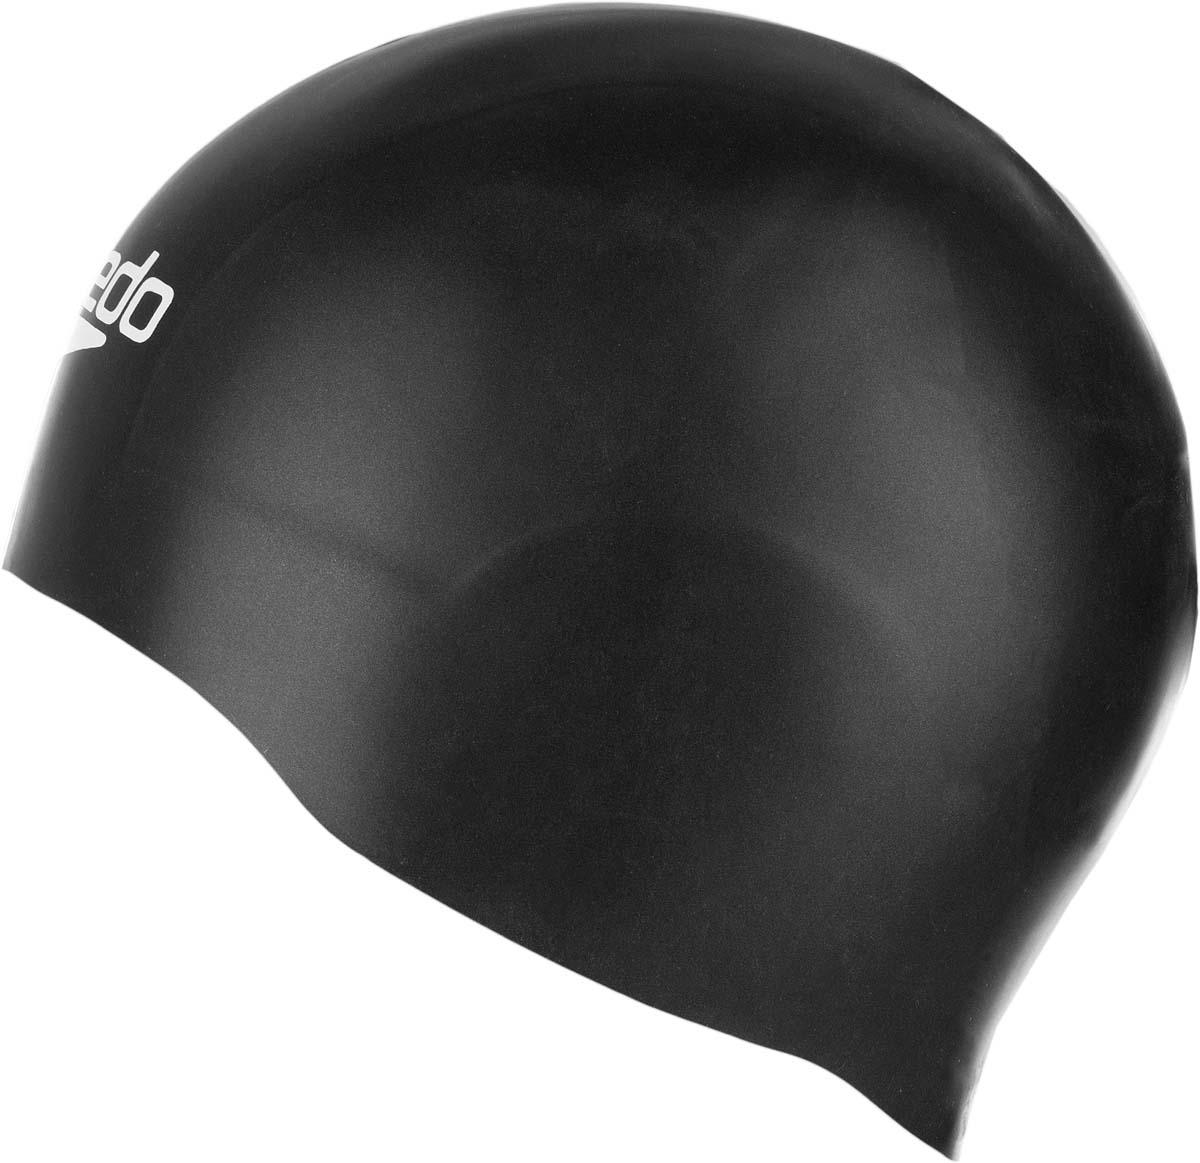 Шапочка для плавания Speedo, цвет: черный. 8-0877500018-087750001Уникальная силиконовая шапочка для соревнований с зонами разной толщины. Снижает сопротивление на 5% по сравнению с обычной шапочкой из латекса.